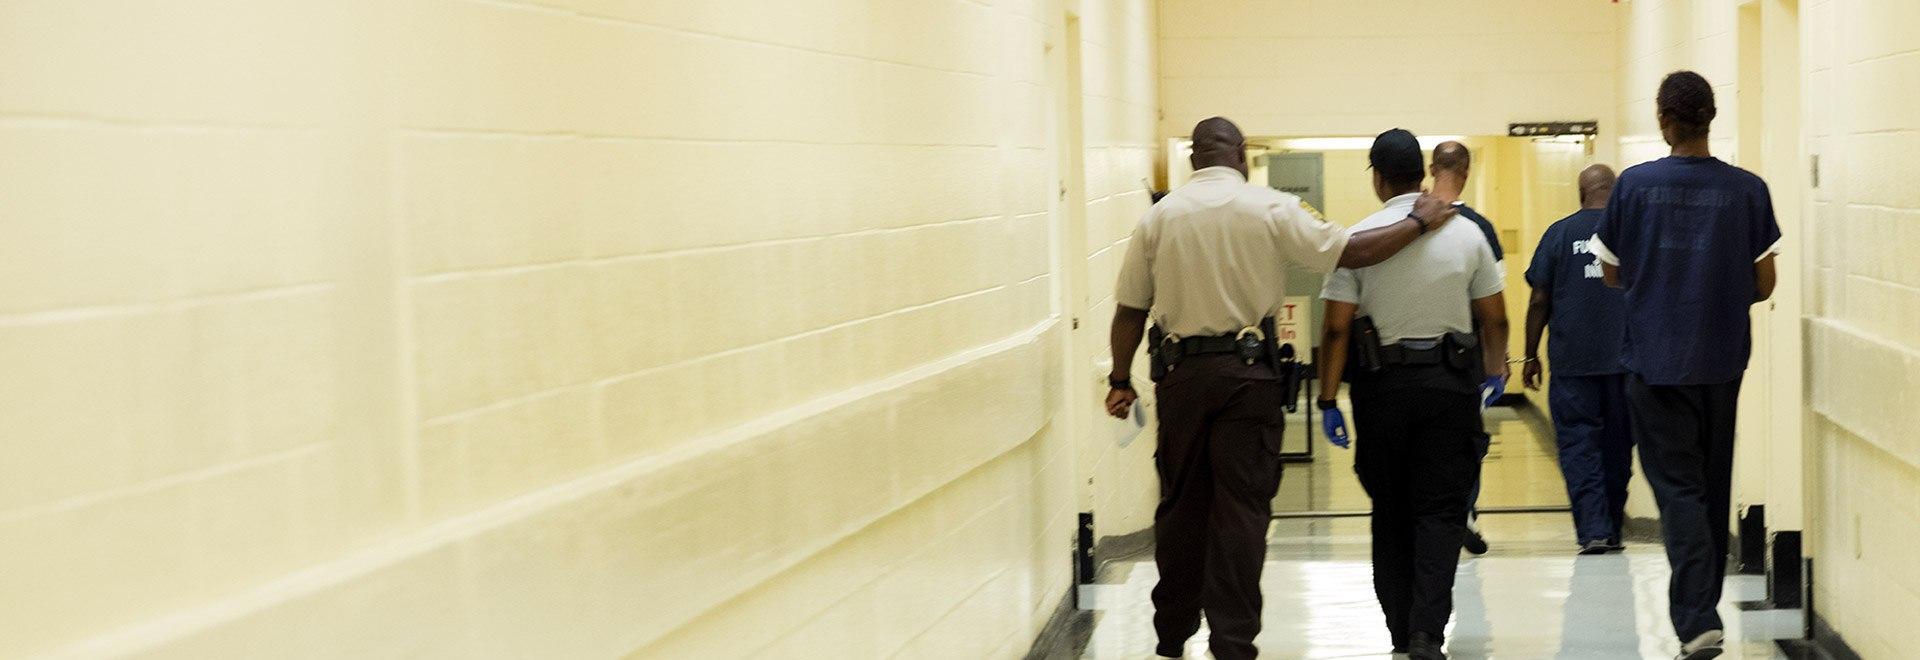 Sfida tra detenuti